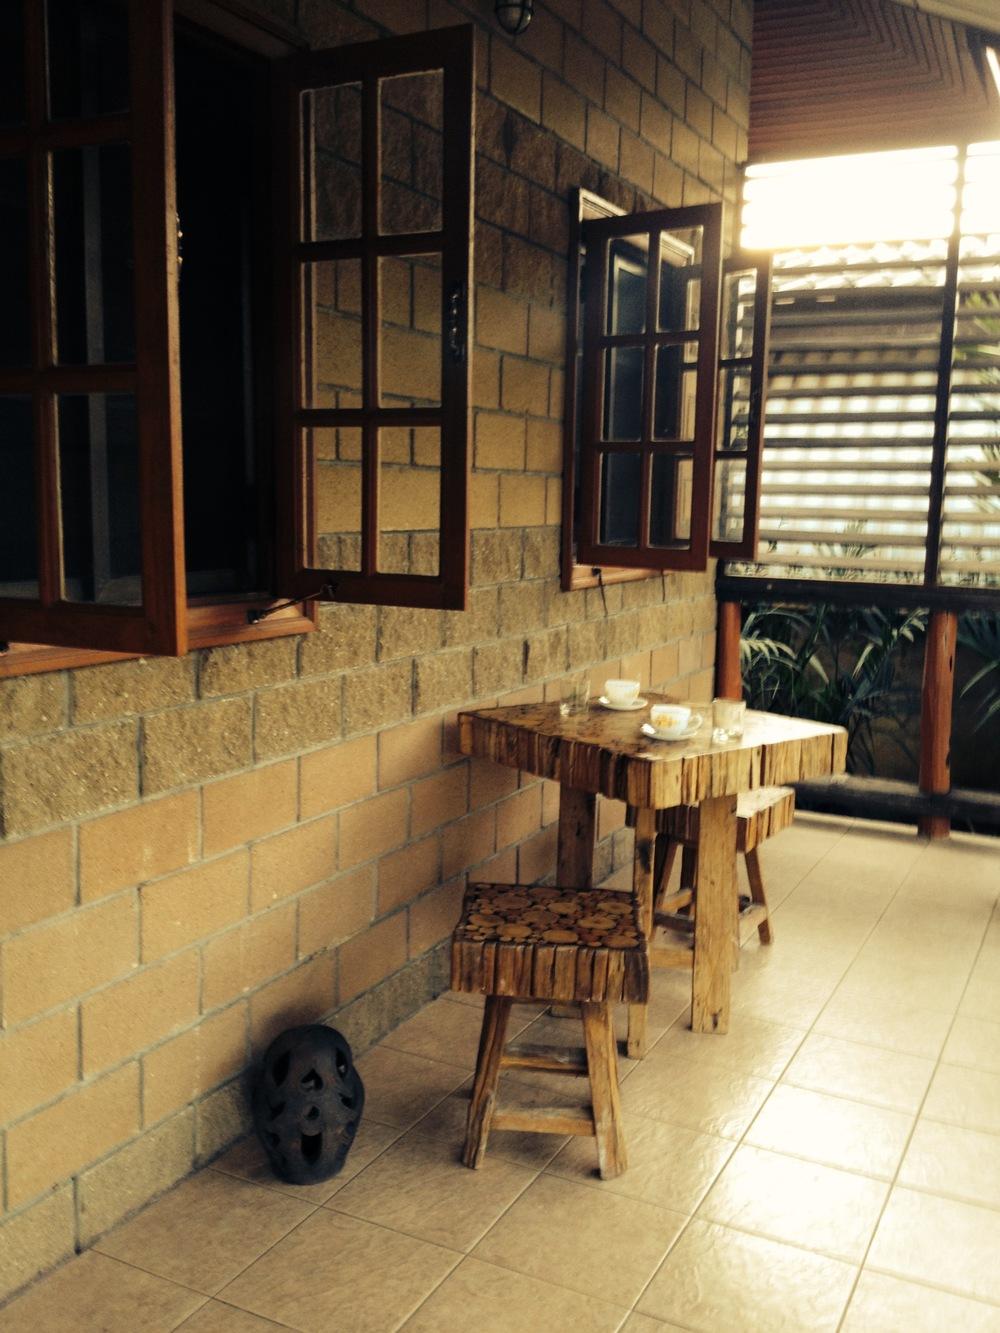 Coffee/Tea break on the terrace